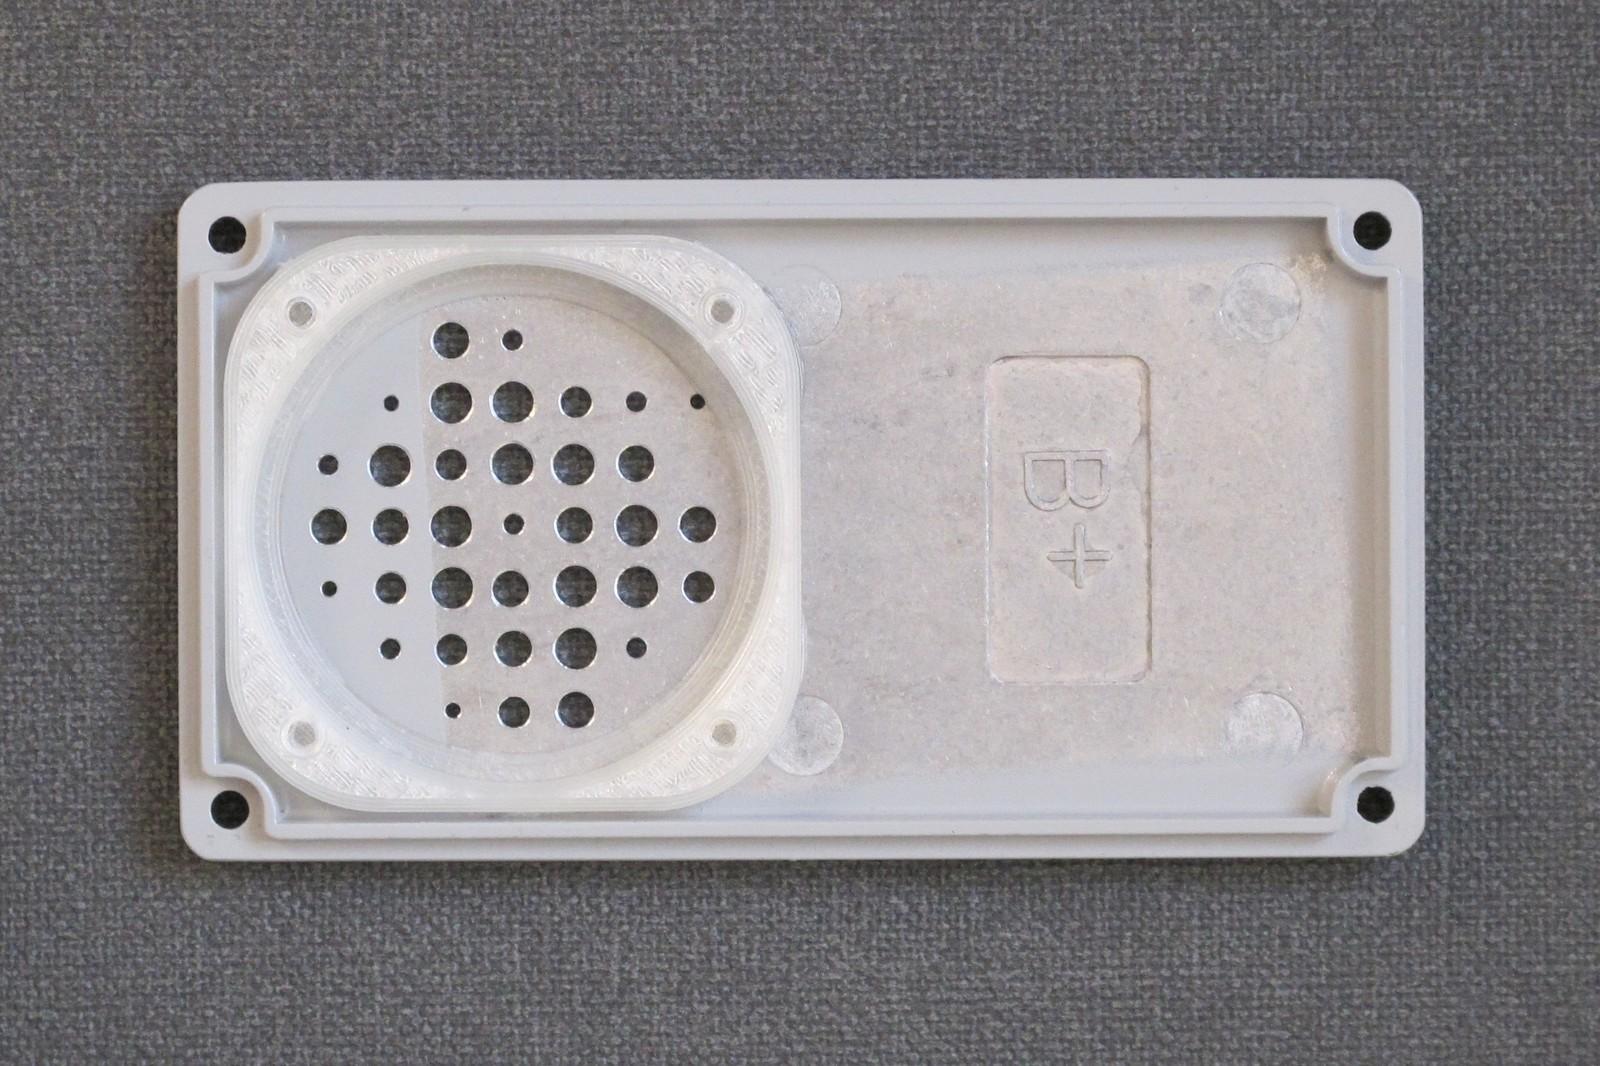 Glued speaker holder